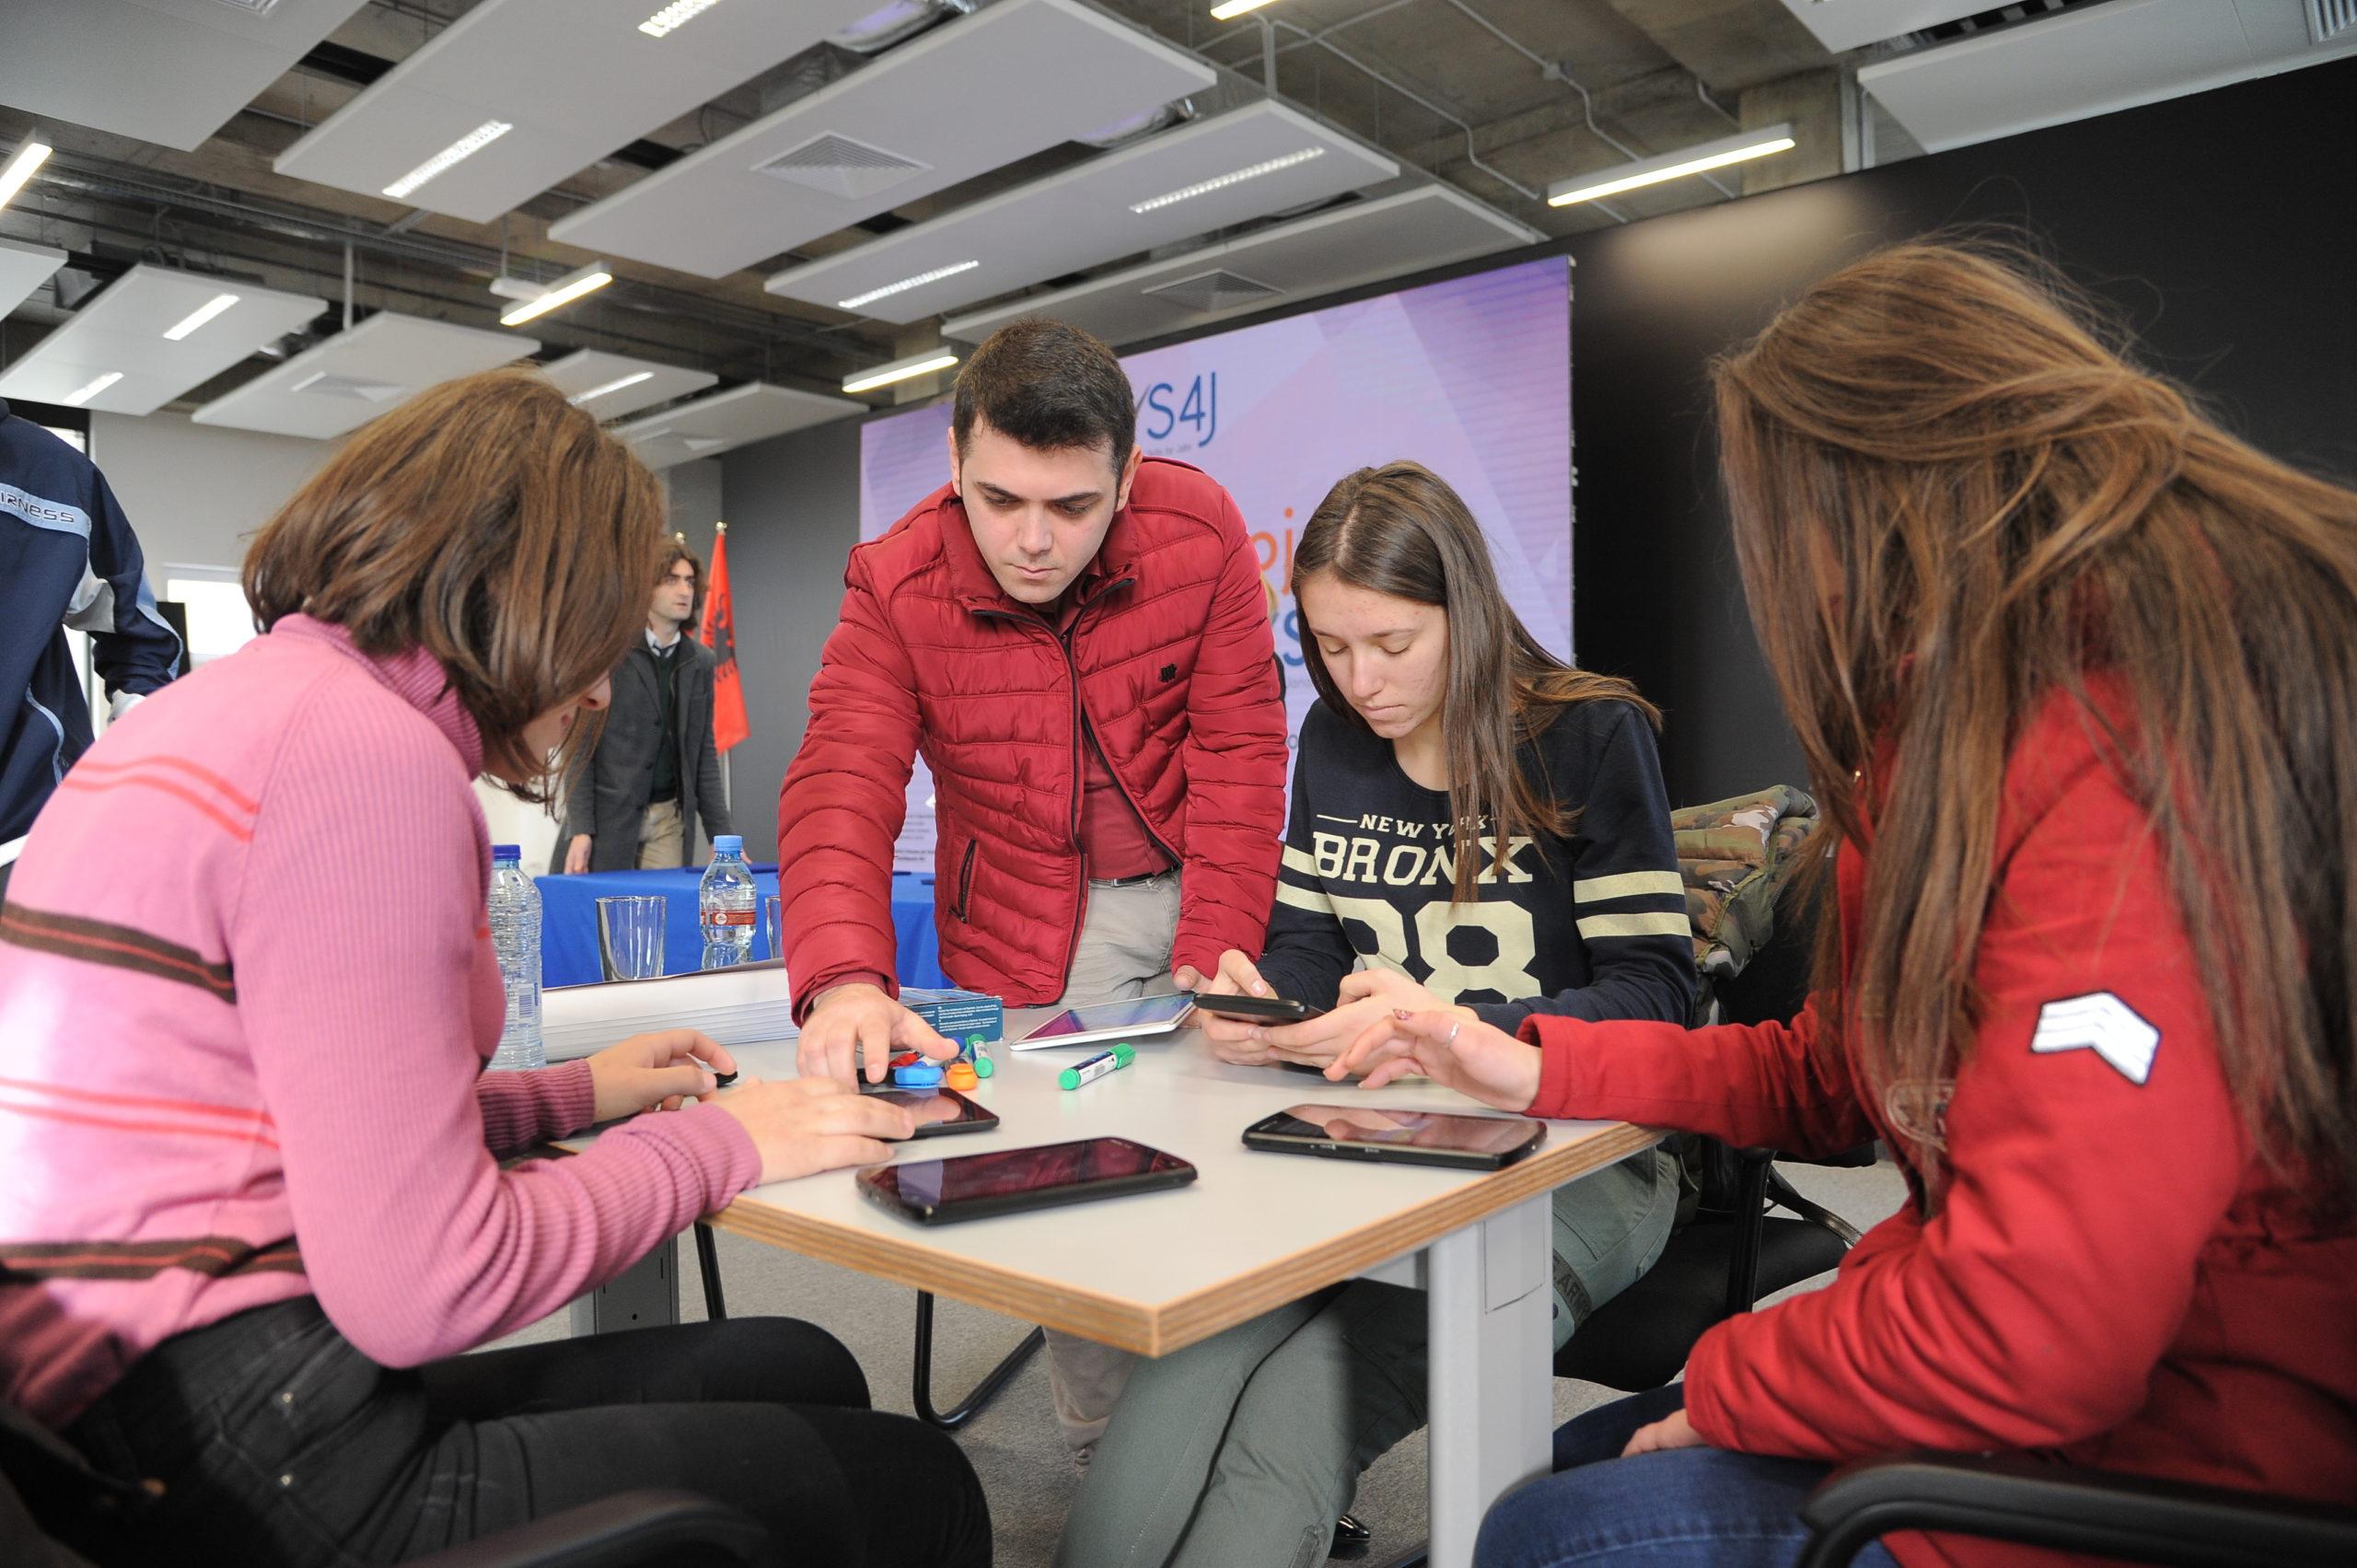 Mënyra të reja të nxëni: Projekti zviceran sjell inovacion për mësuesit dhe nxënësit